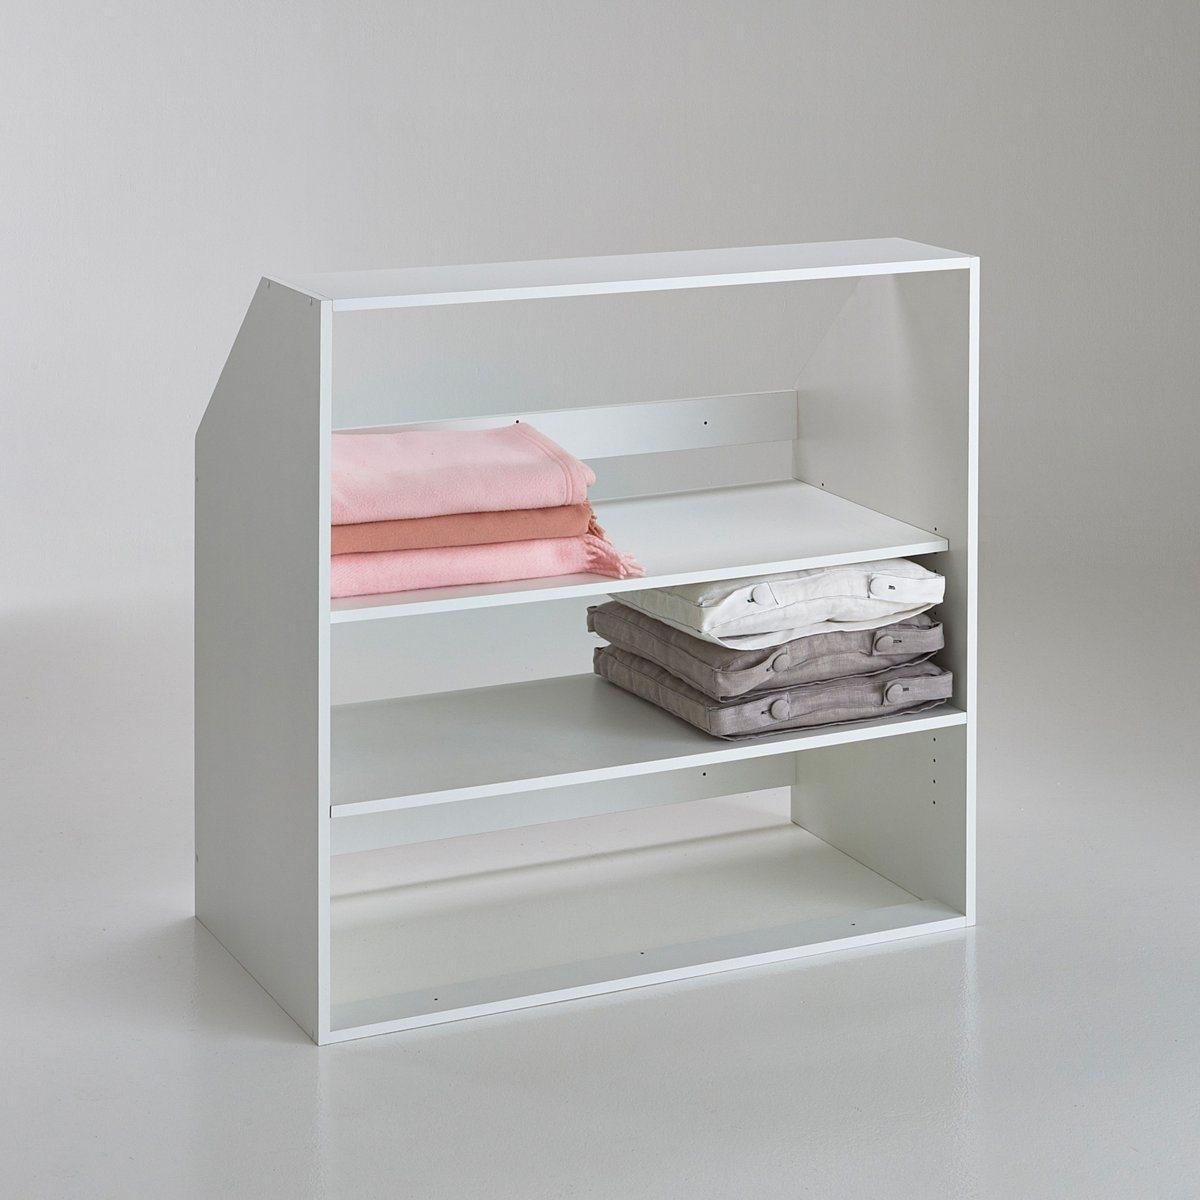 Модуль гардеробный наклонный Résima гардеробный шкаф 150